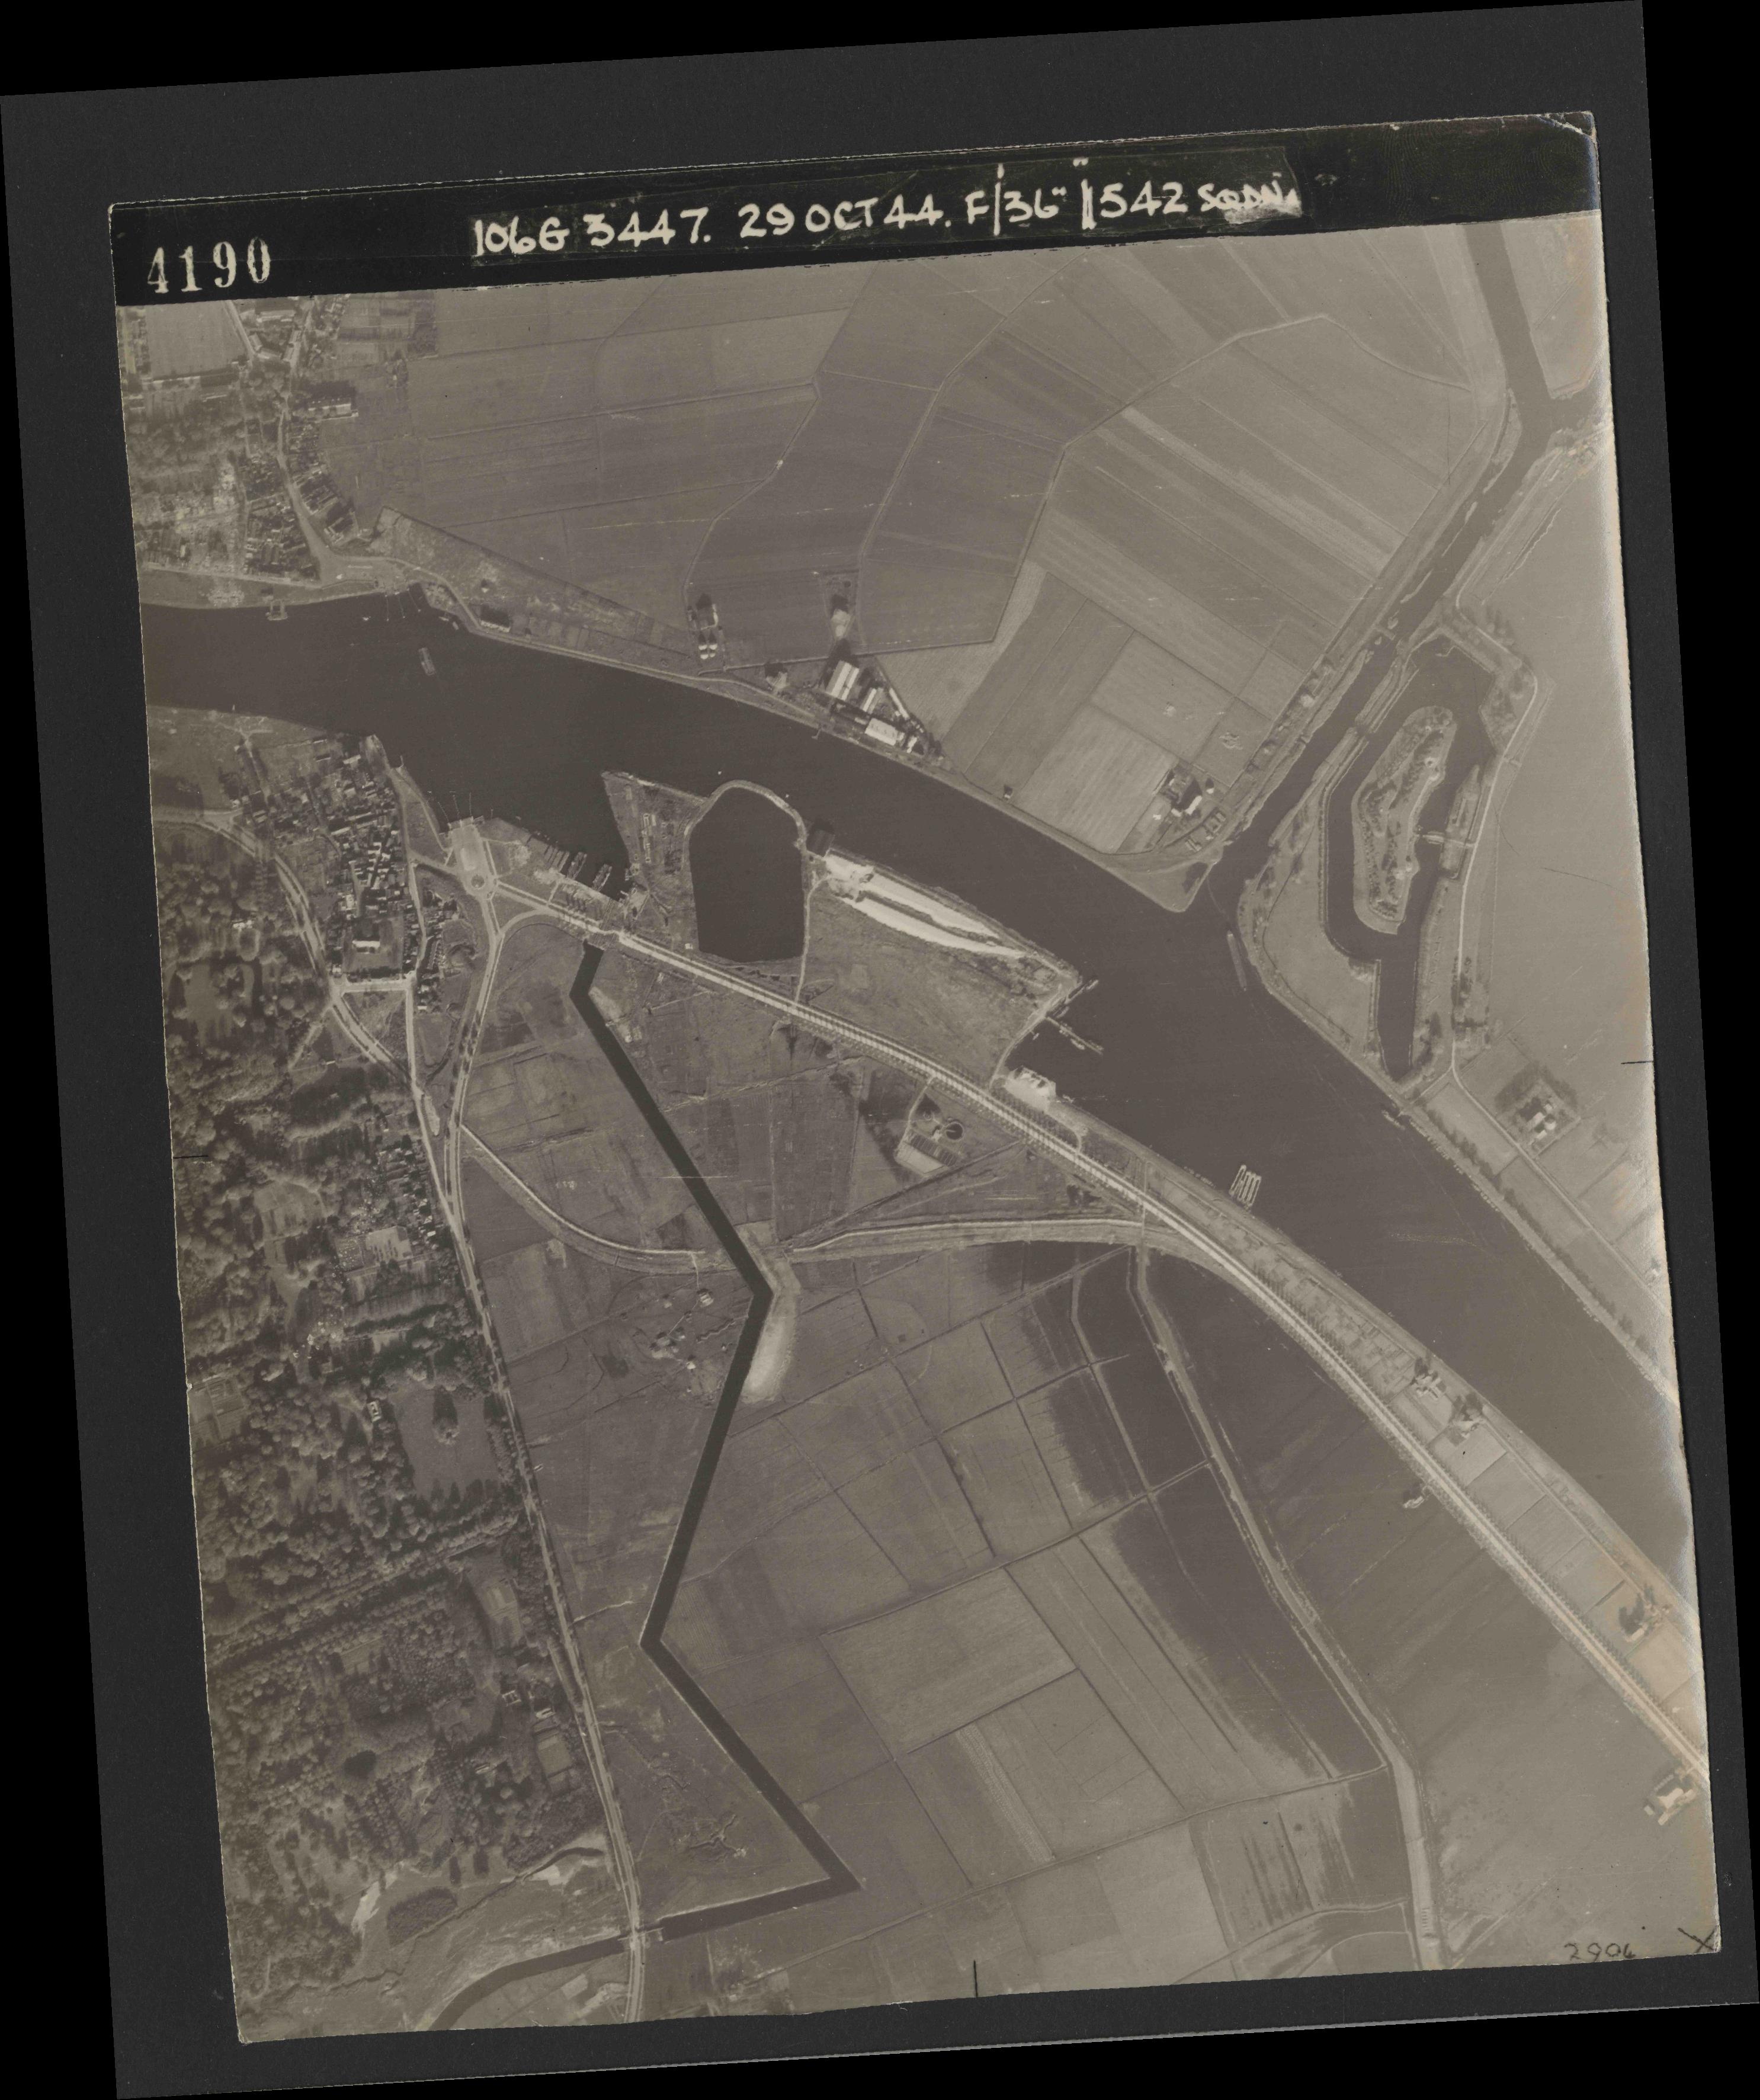 Collection RAF aerial photos 1940-1945 - flight 236, run 01, photo 4190